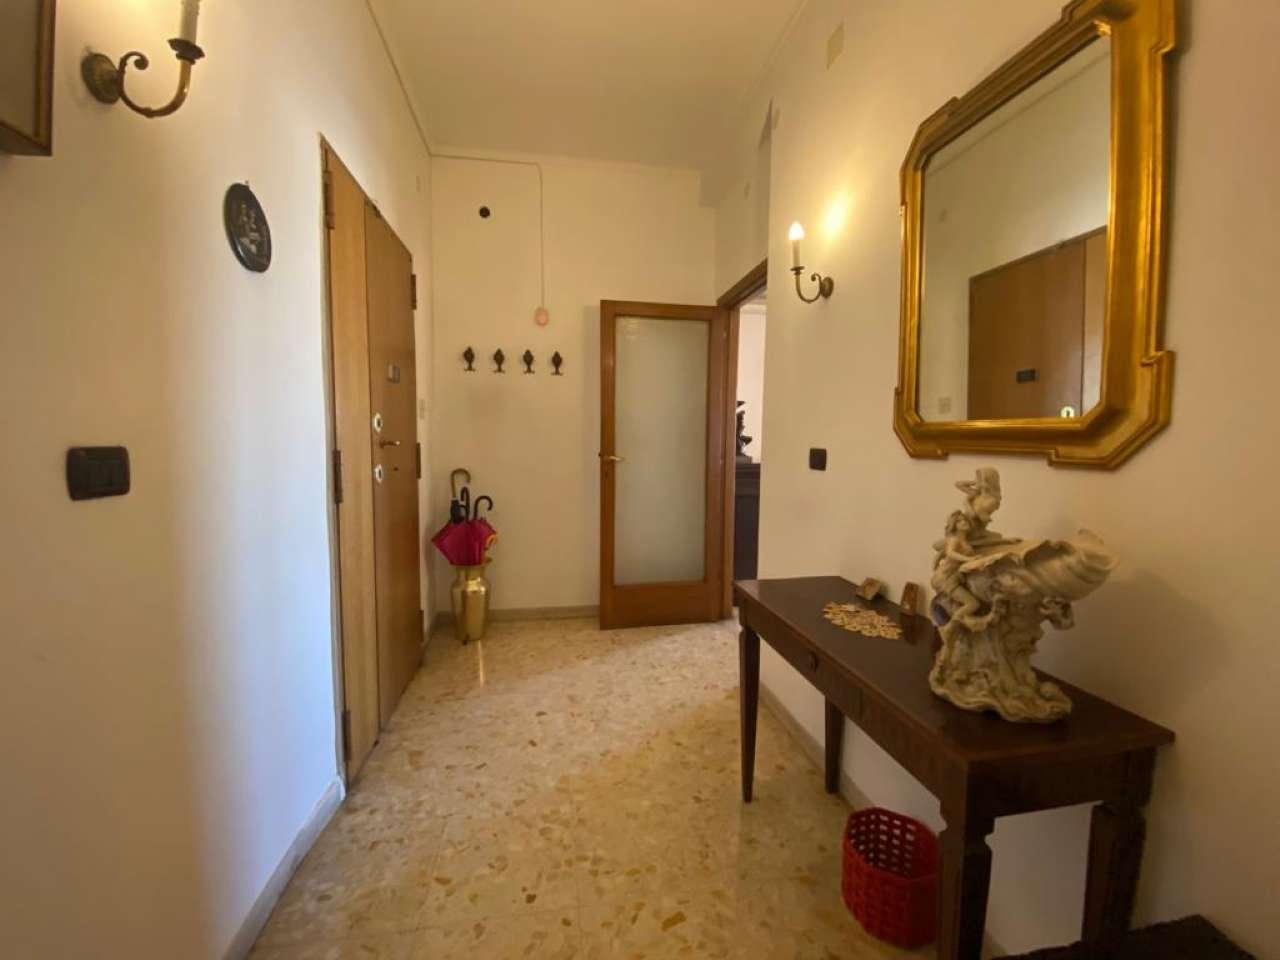 Appartamento, Via Francesco Cilea, Zona Vomero, Napoli, foto 7